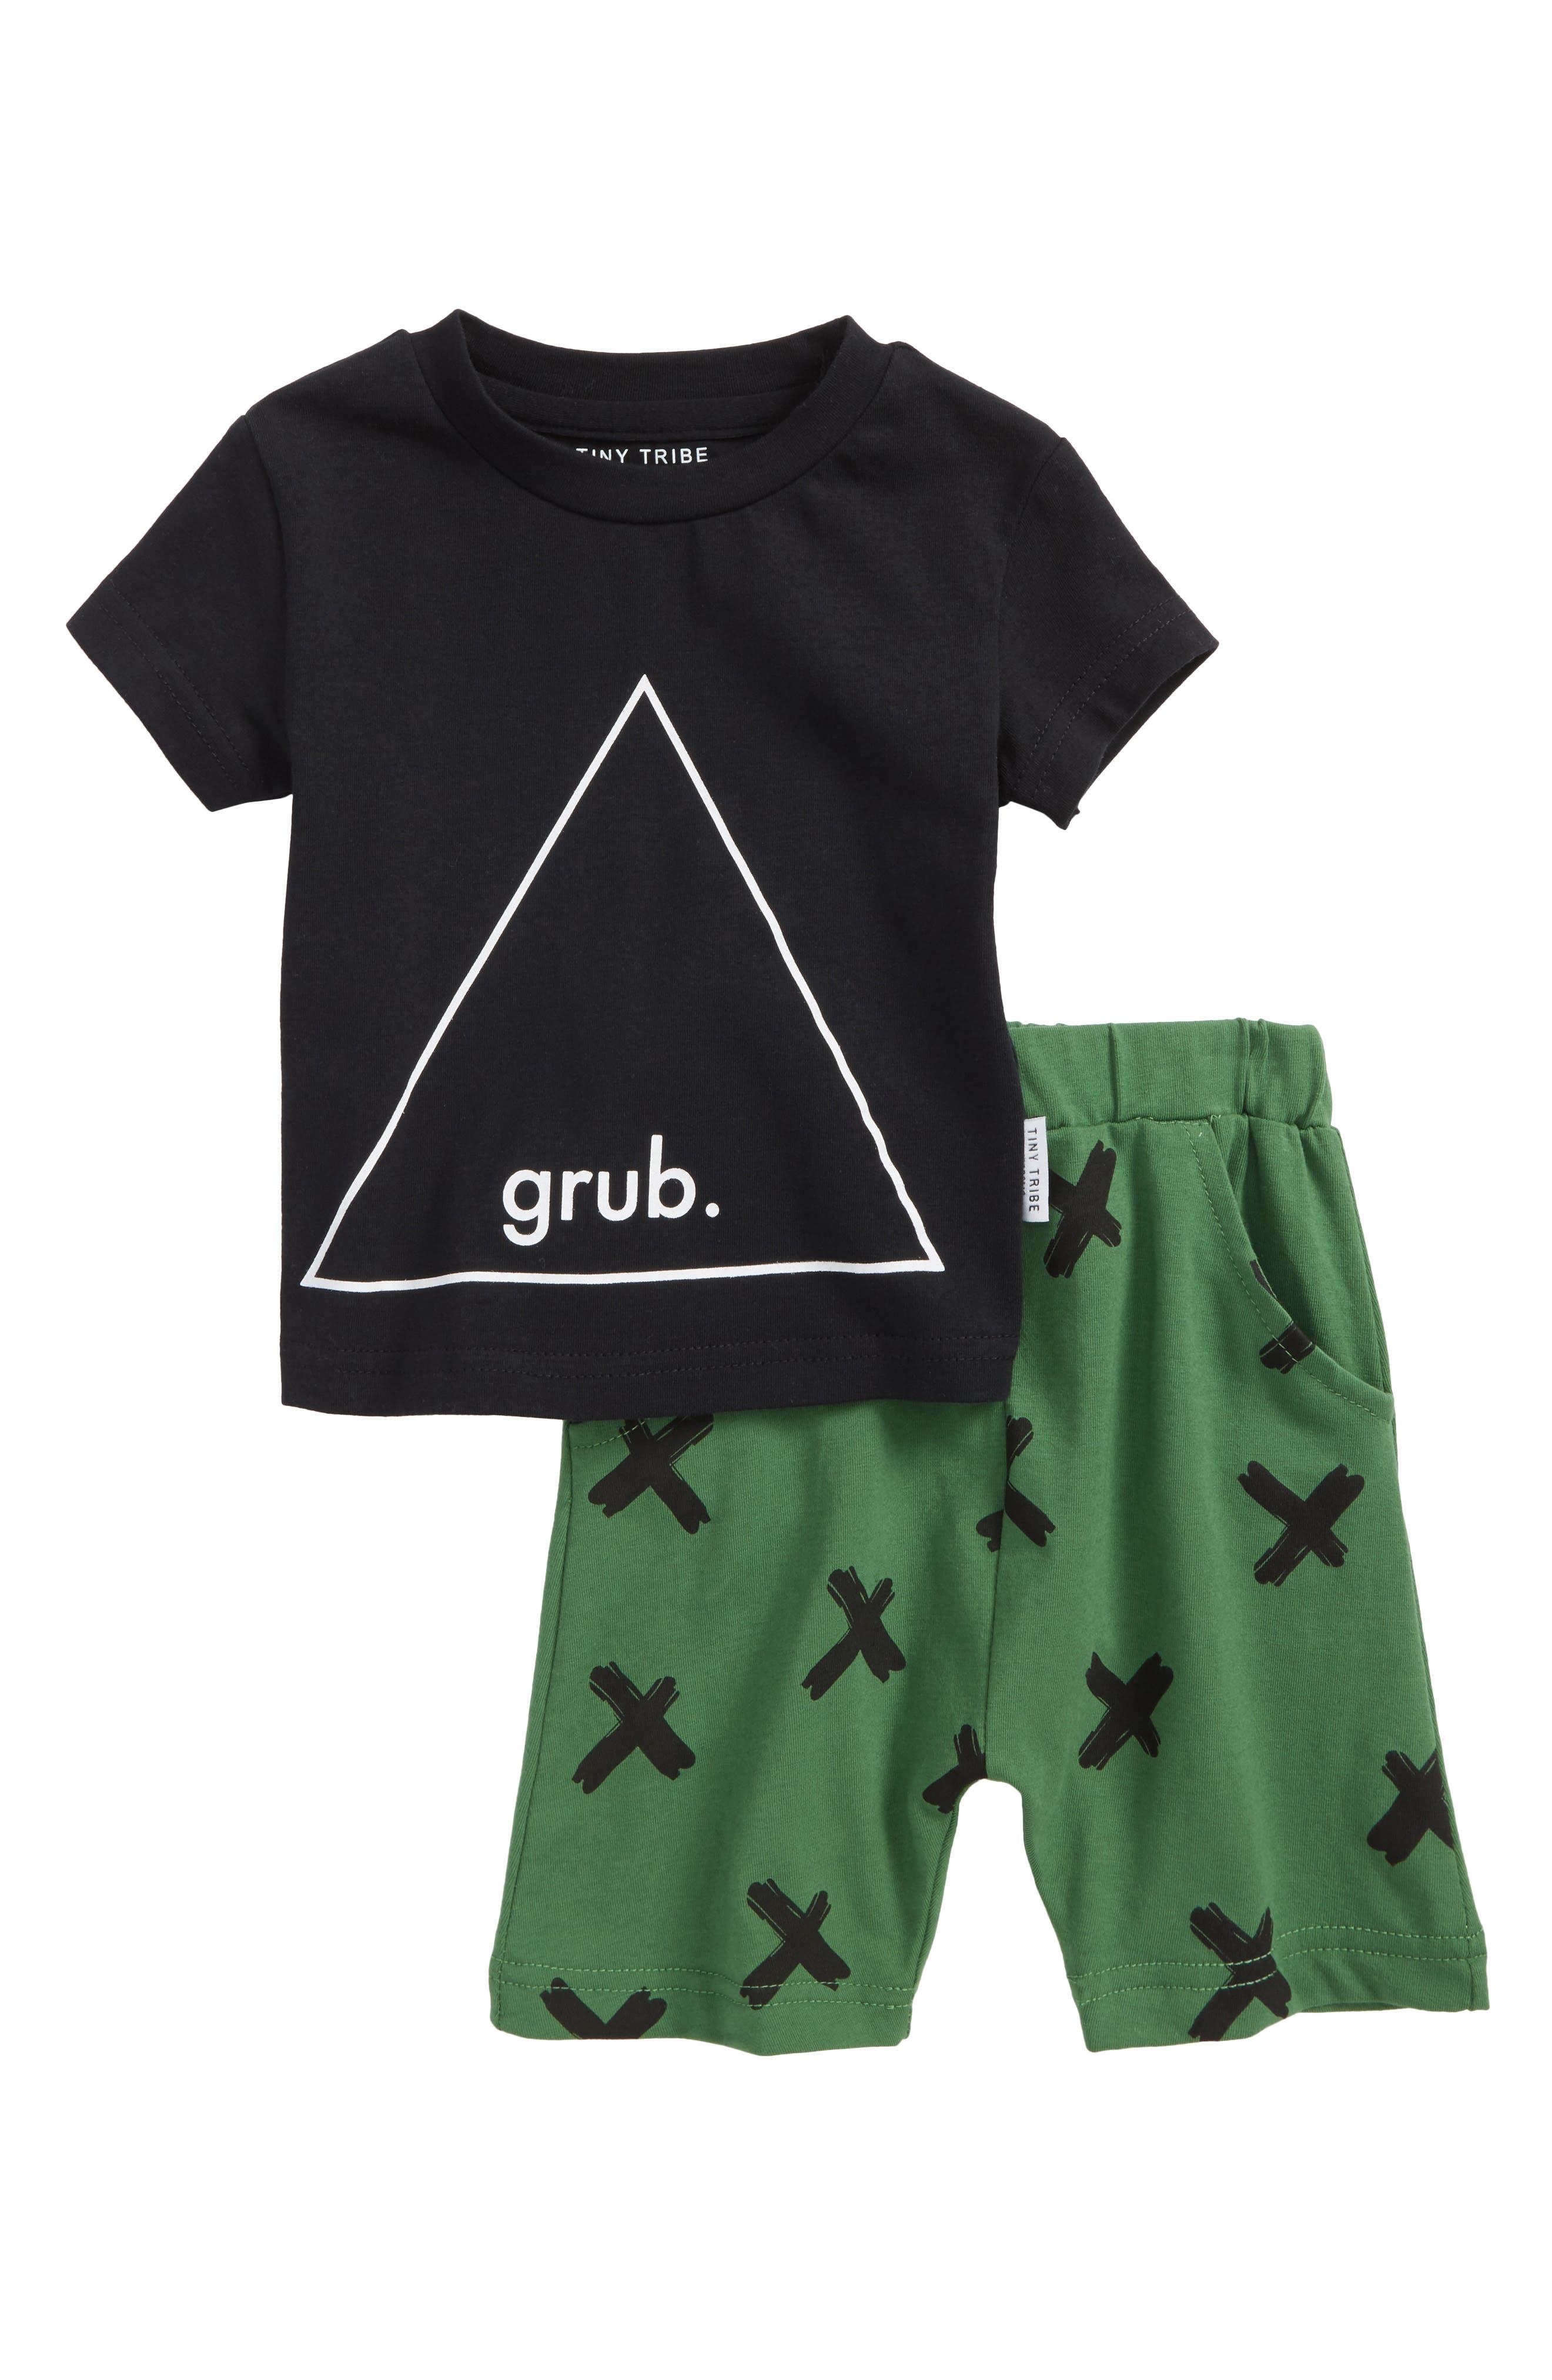 Grub T-Shirt & Shorts Set,                             Main thumbnail 1, color,                             009